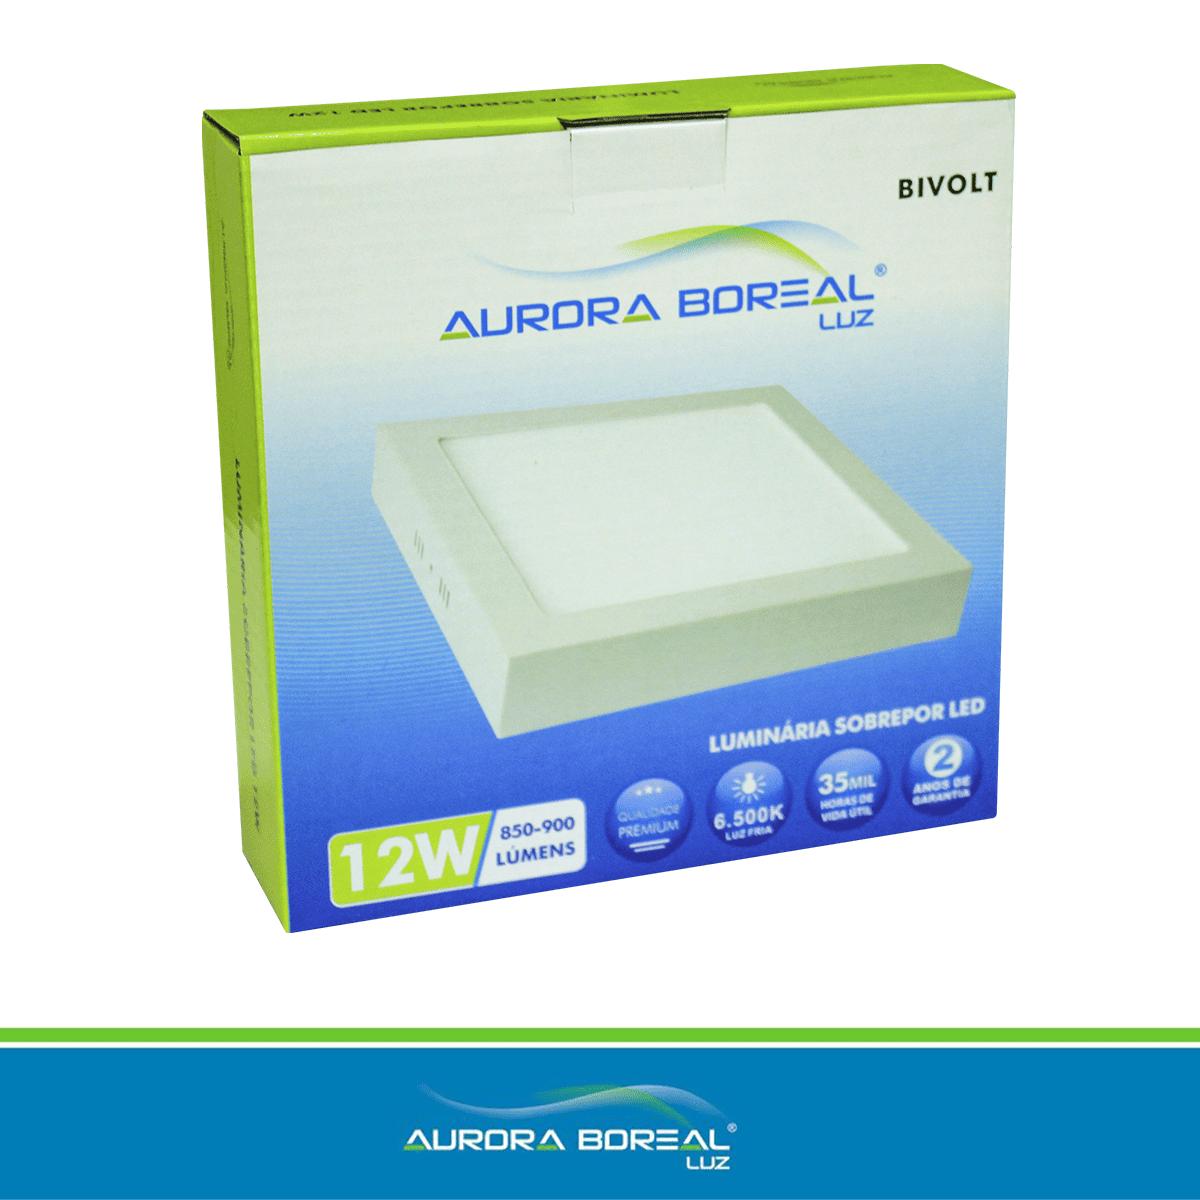 PAINEL LED QUADRADO SOBREPOR 12W - 6500K (Branco Frio)